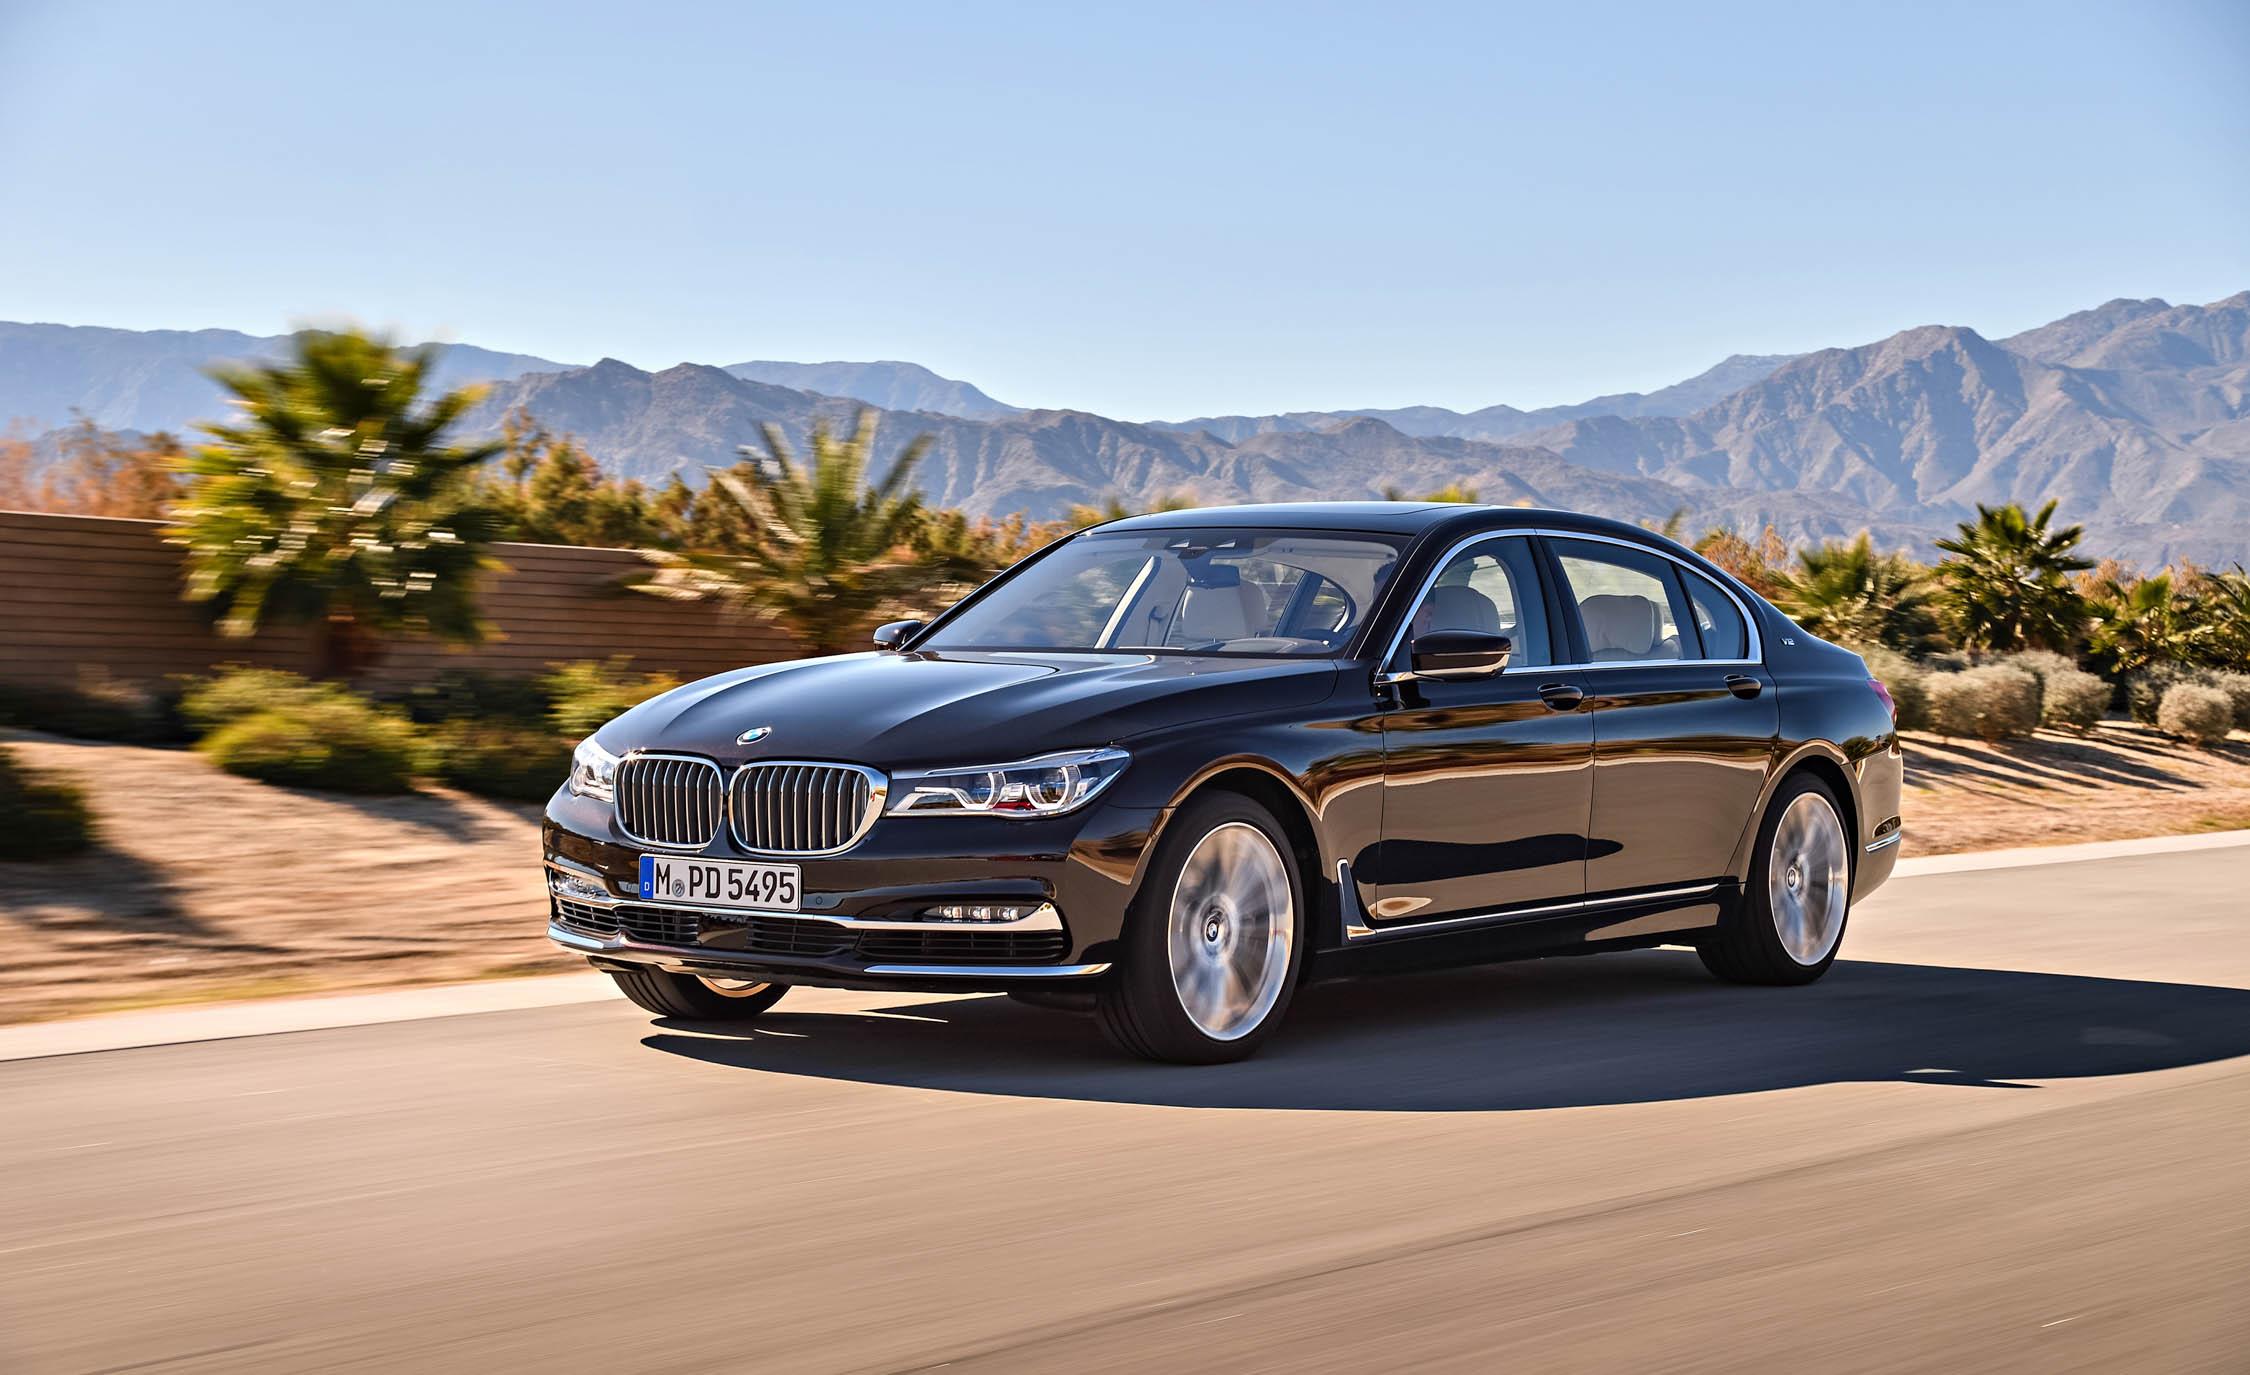 2017 BMW M760Li XDrive Test Drive (View 66 of 76)